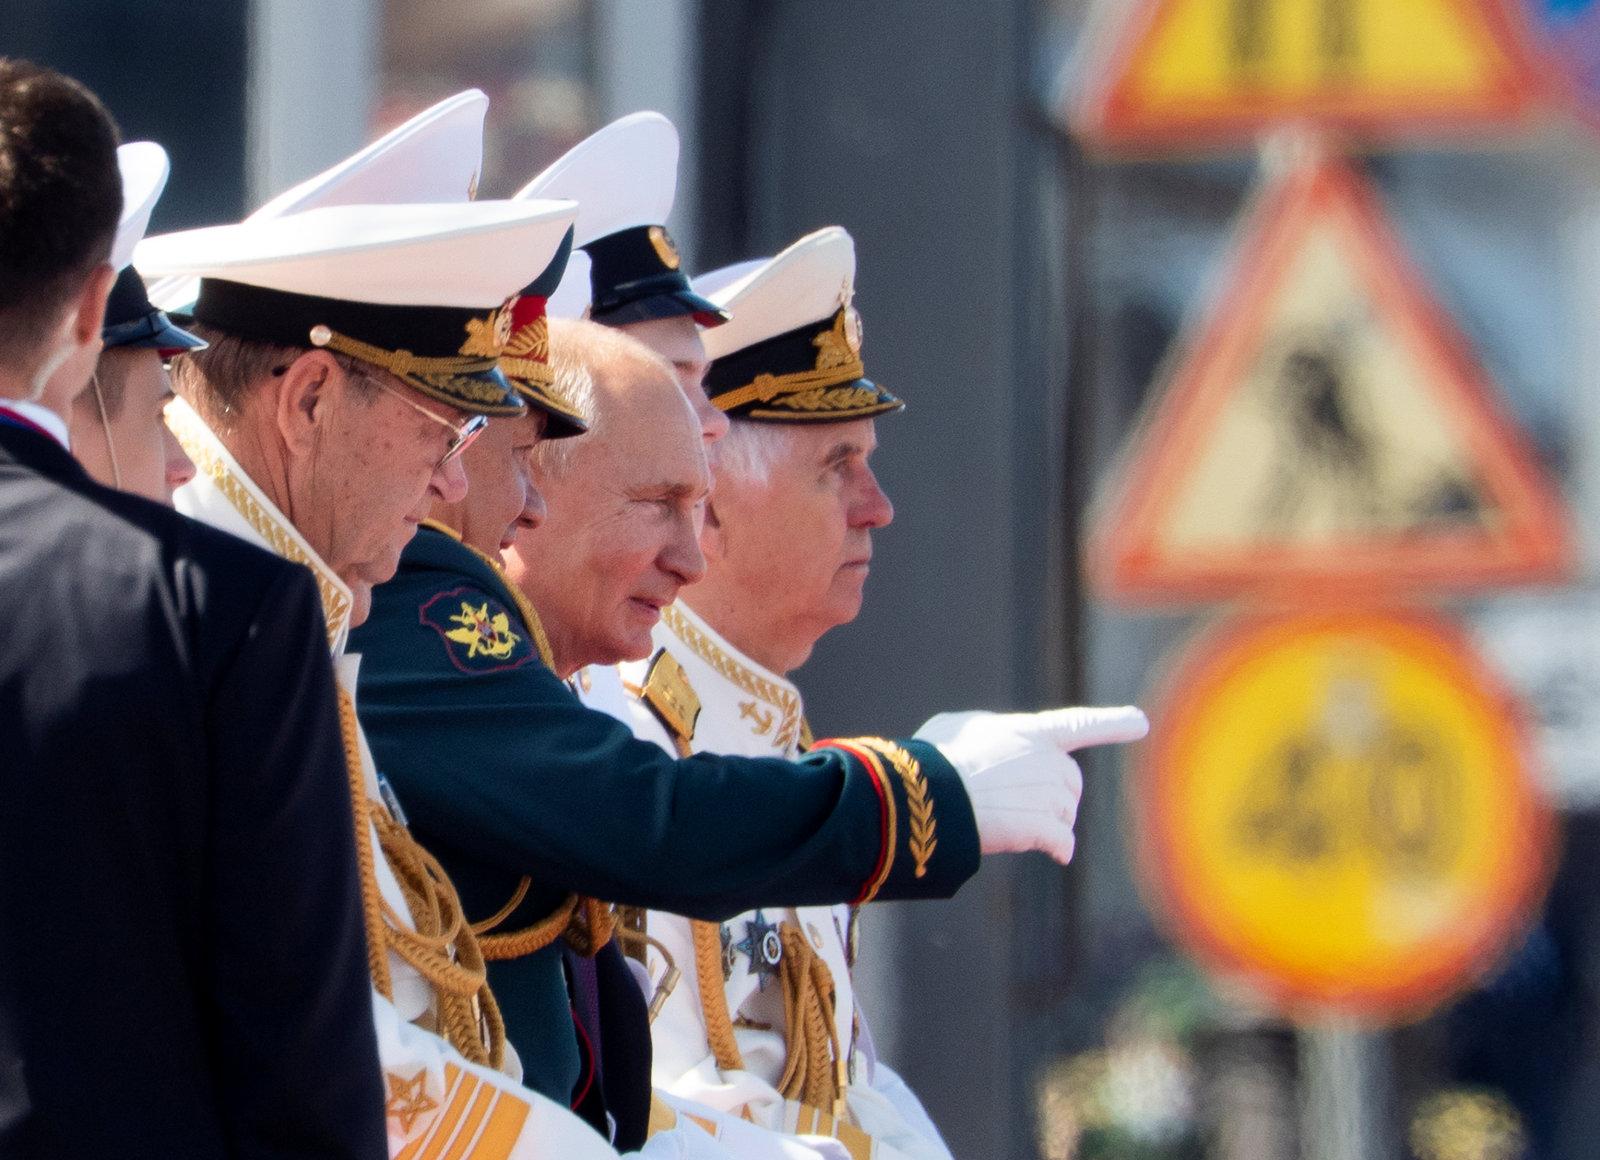 Toomas Alatalu Putini ajalooartiklist:  väikeriike nagu polekski. Kreml tahab hoida maailmas otsustajate ringi võimalikult väiksena